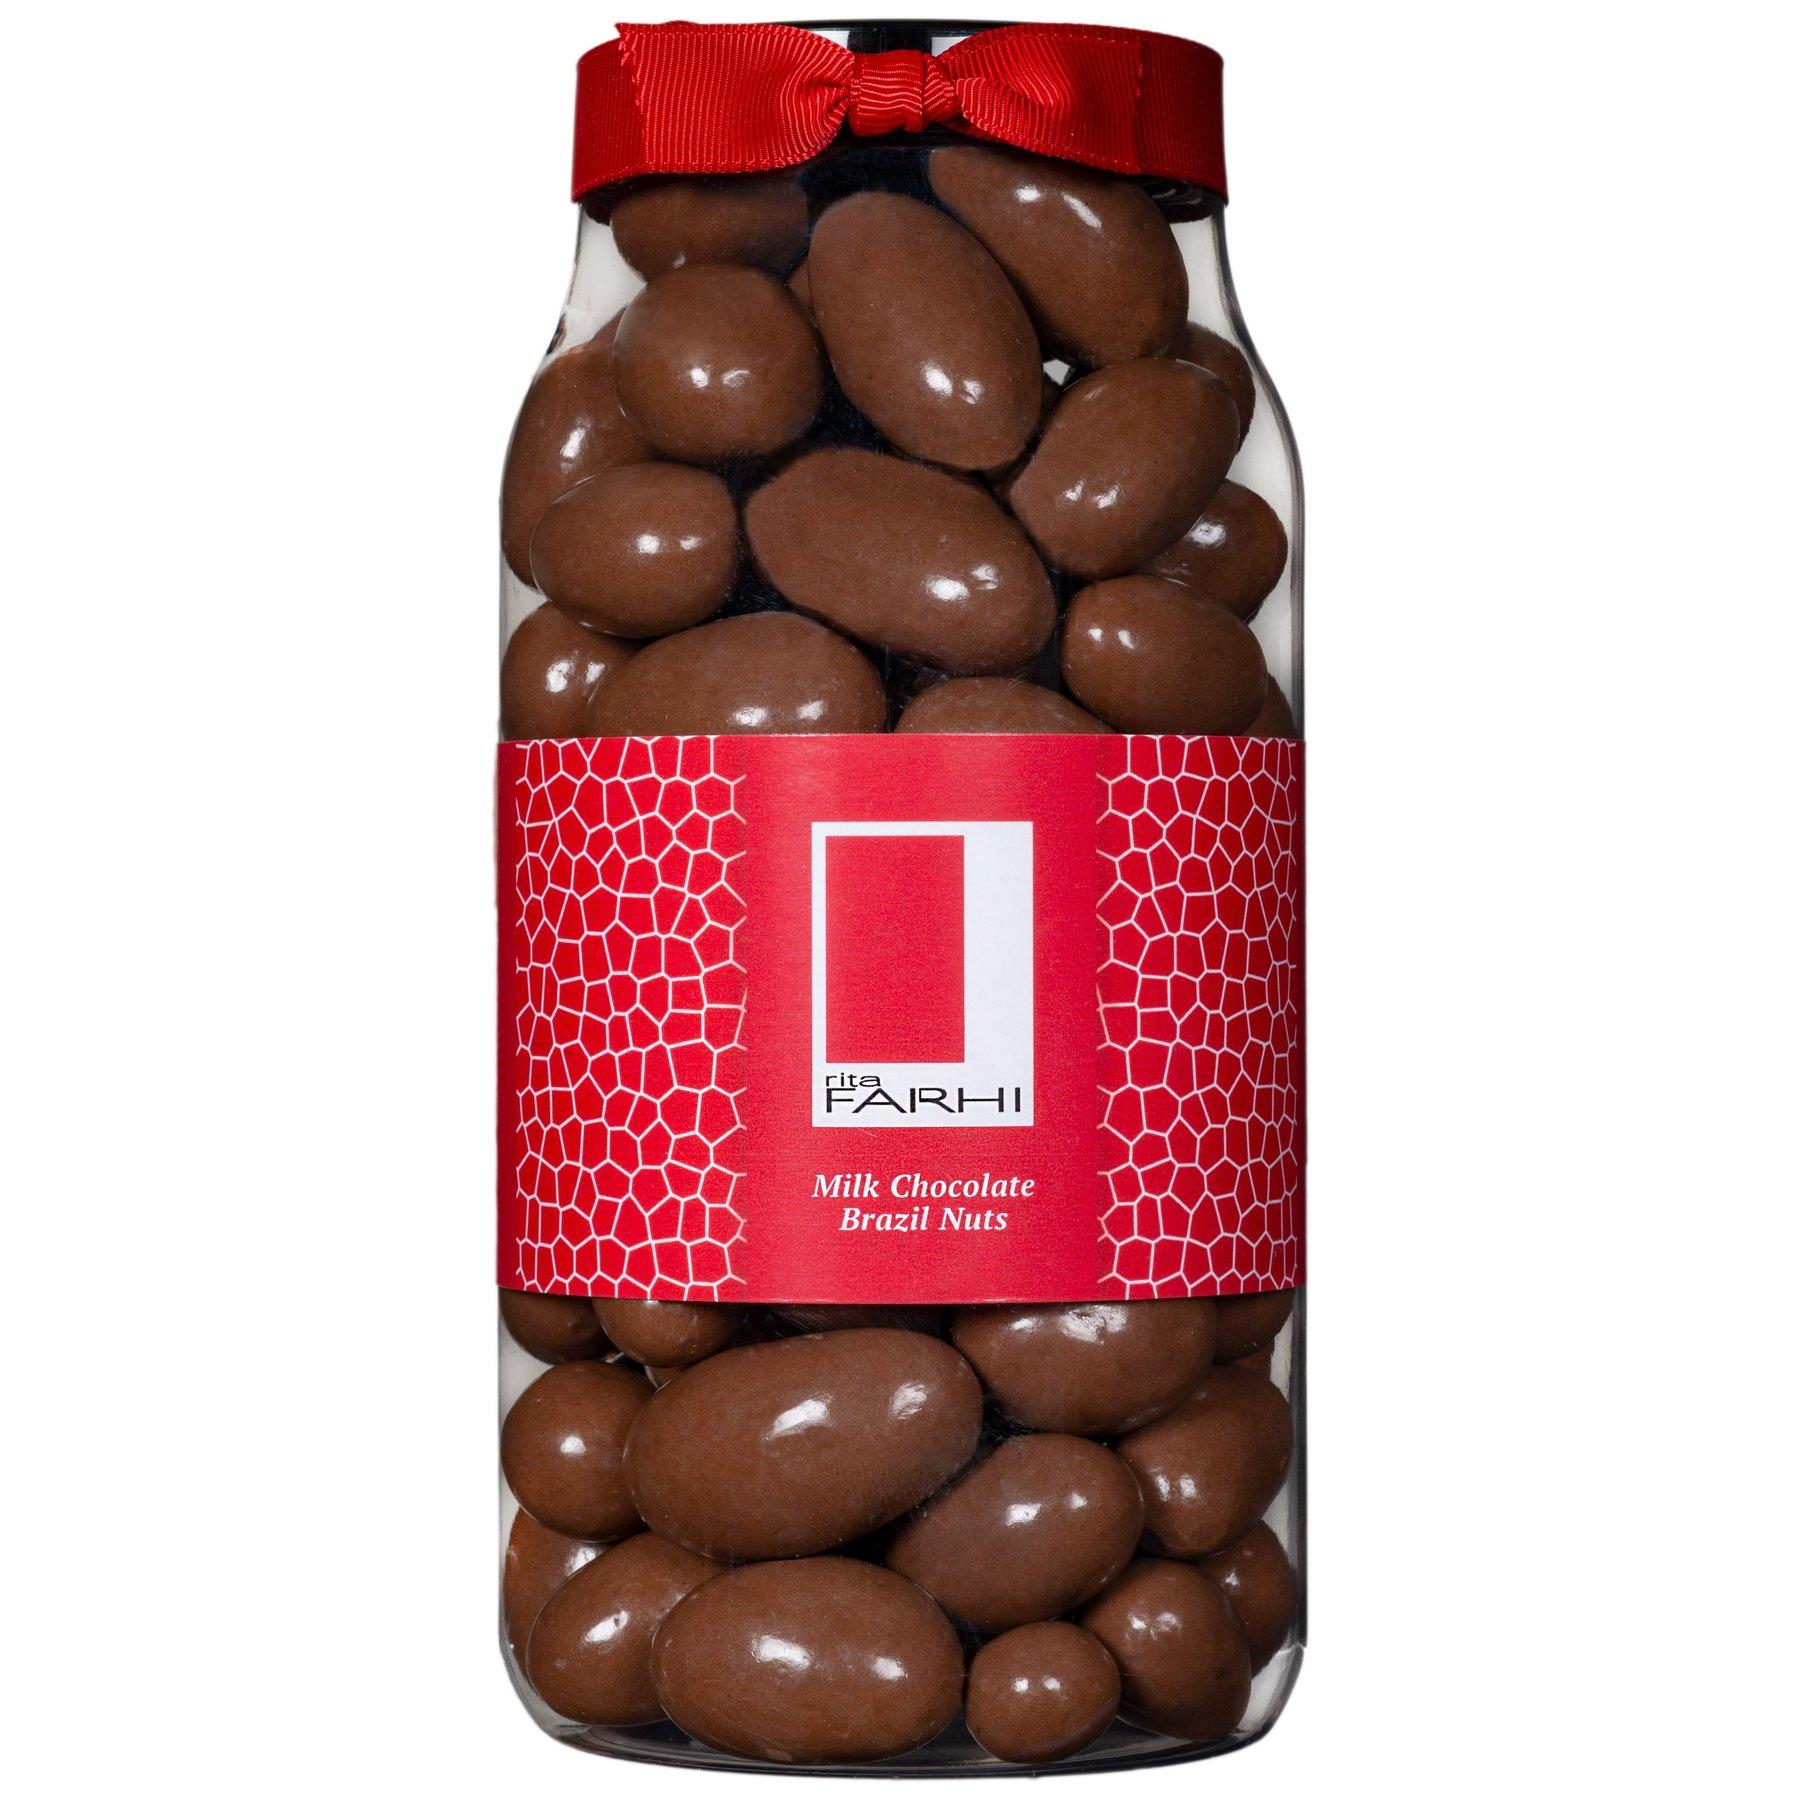 Choc Brazil Nuts in a Jar